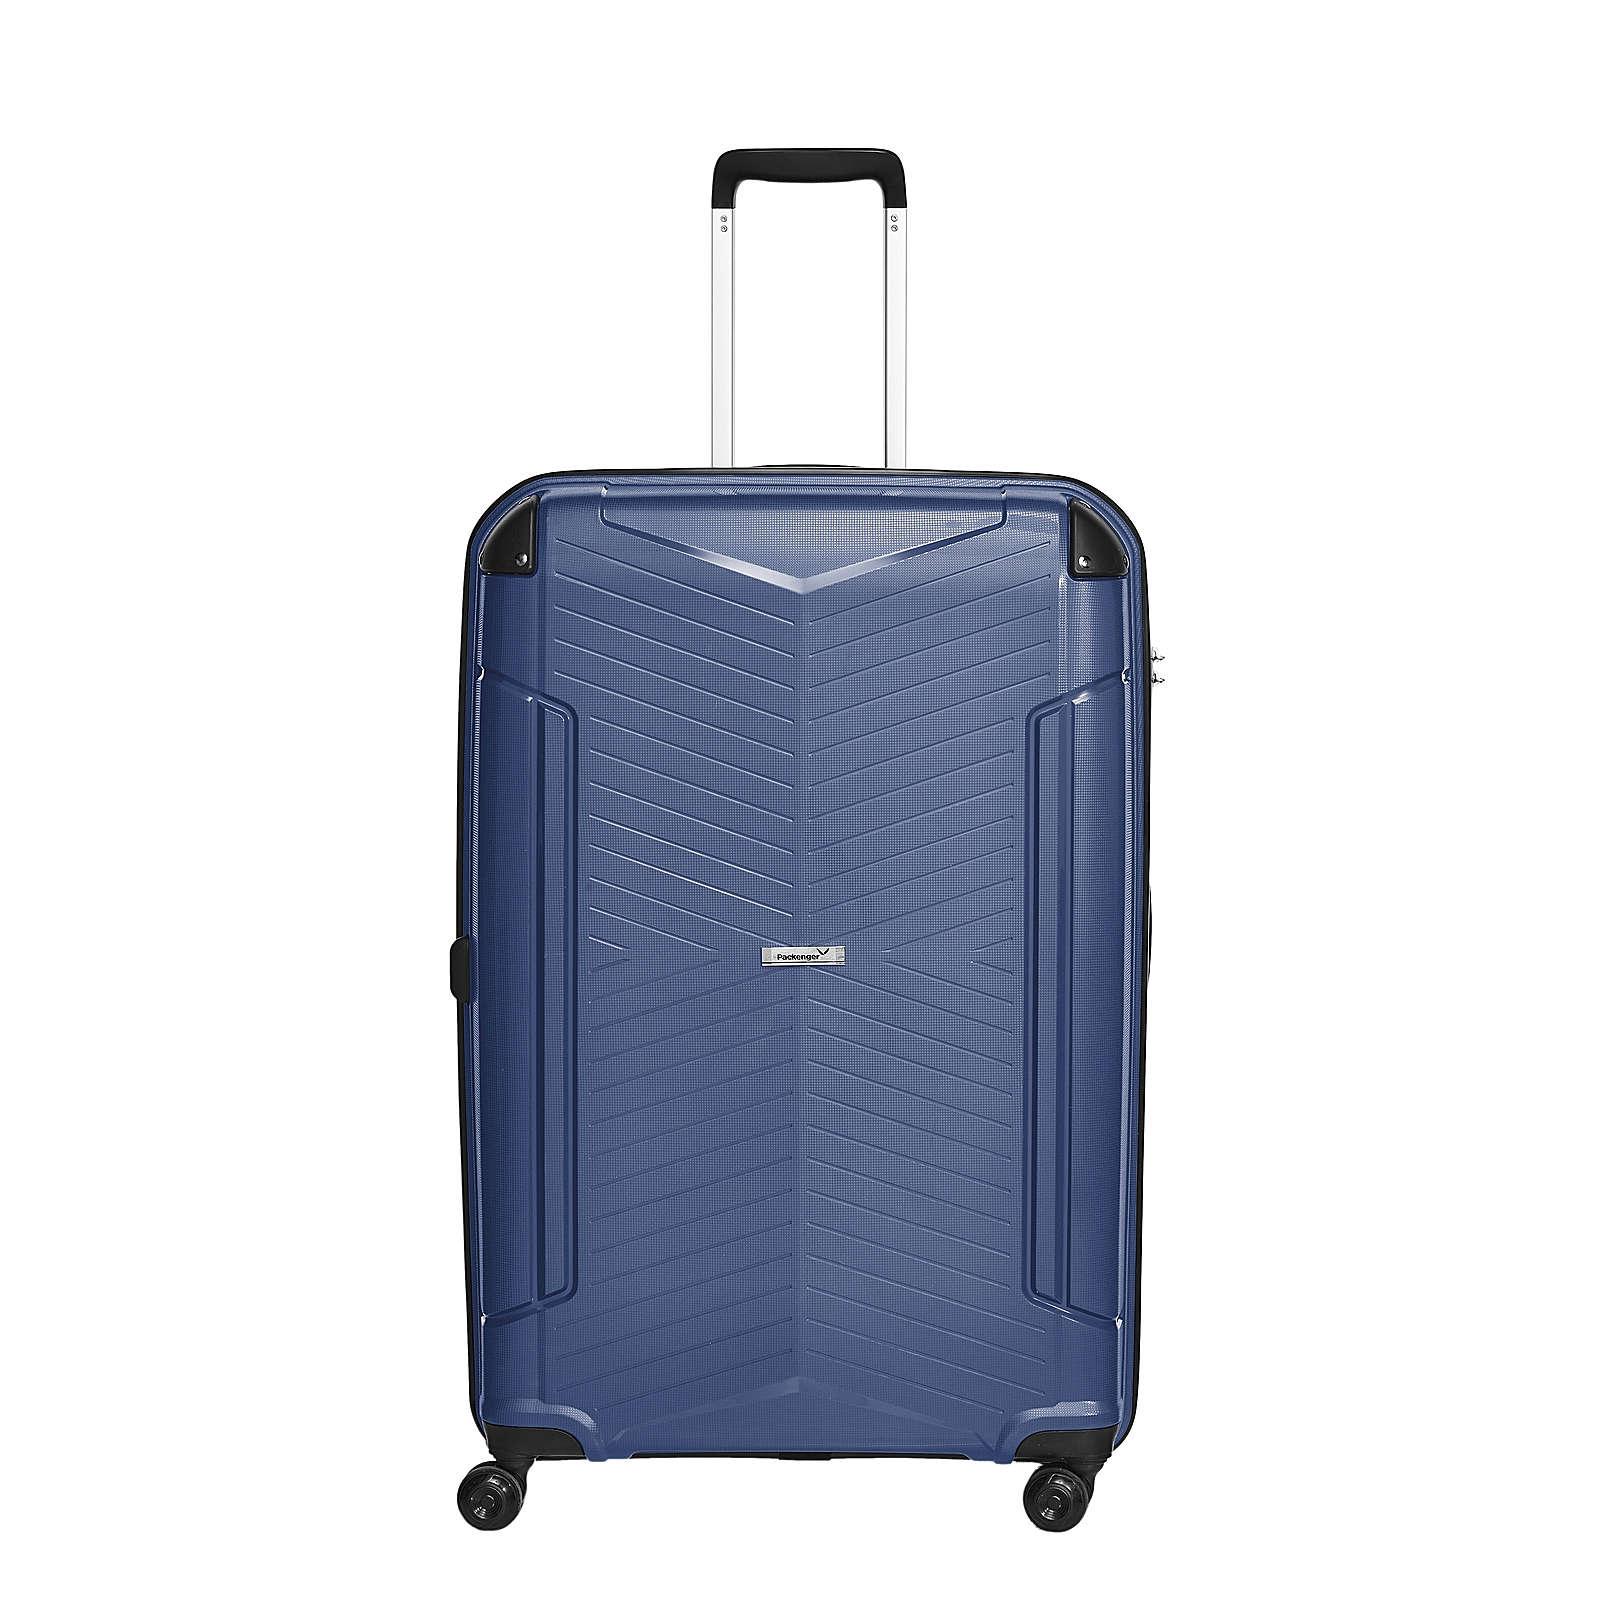 Packenger Koffer Premium Silent Reisekoffer dunkelblau